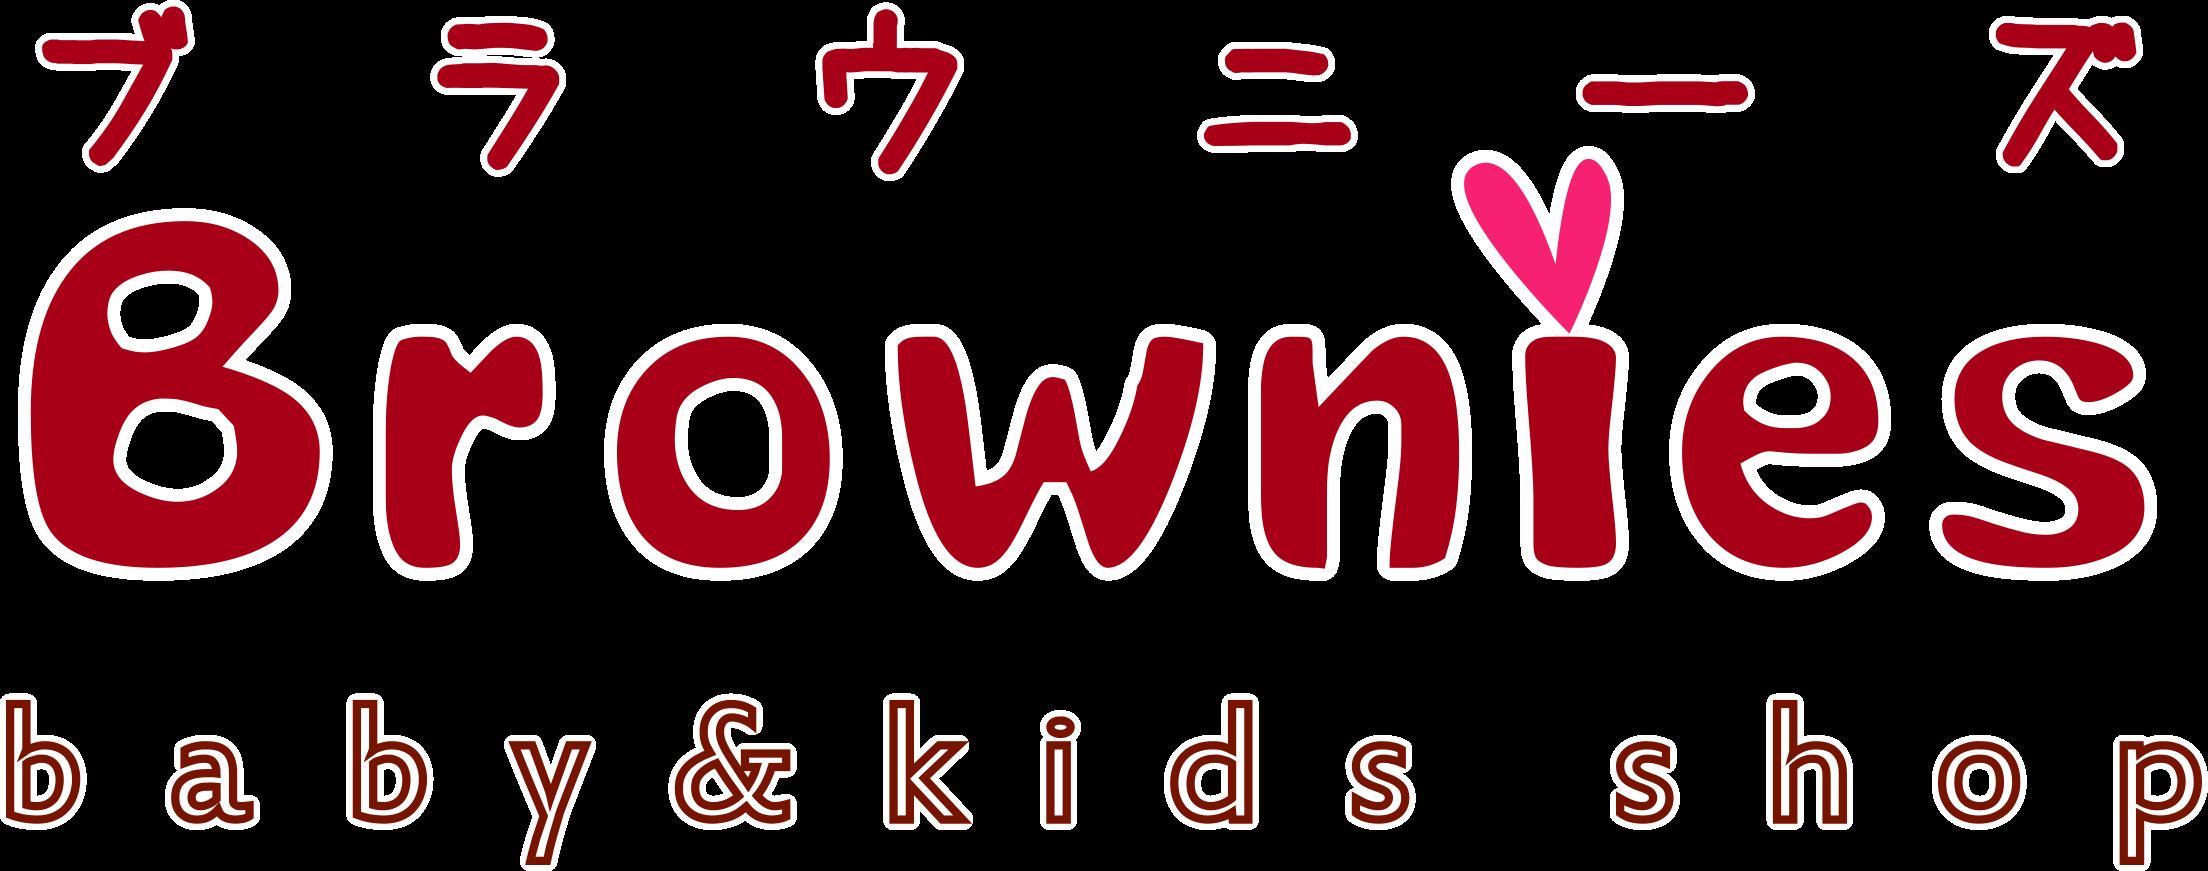 Browniesロゴ